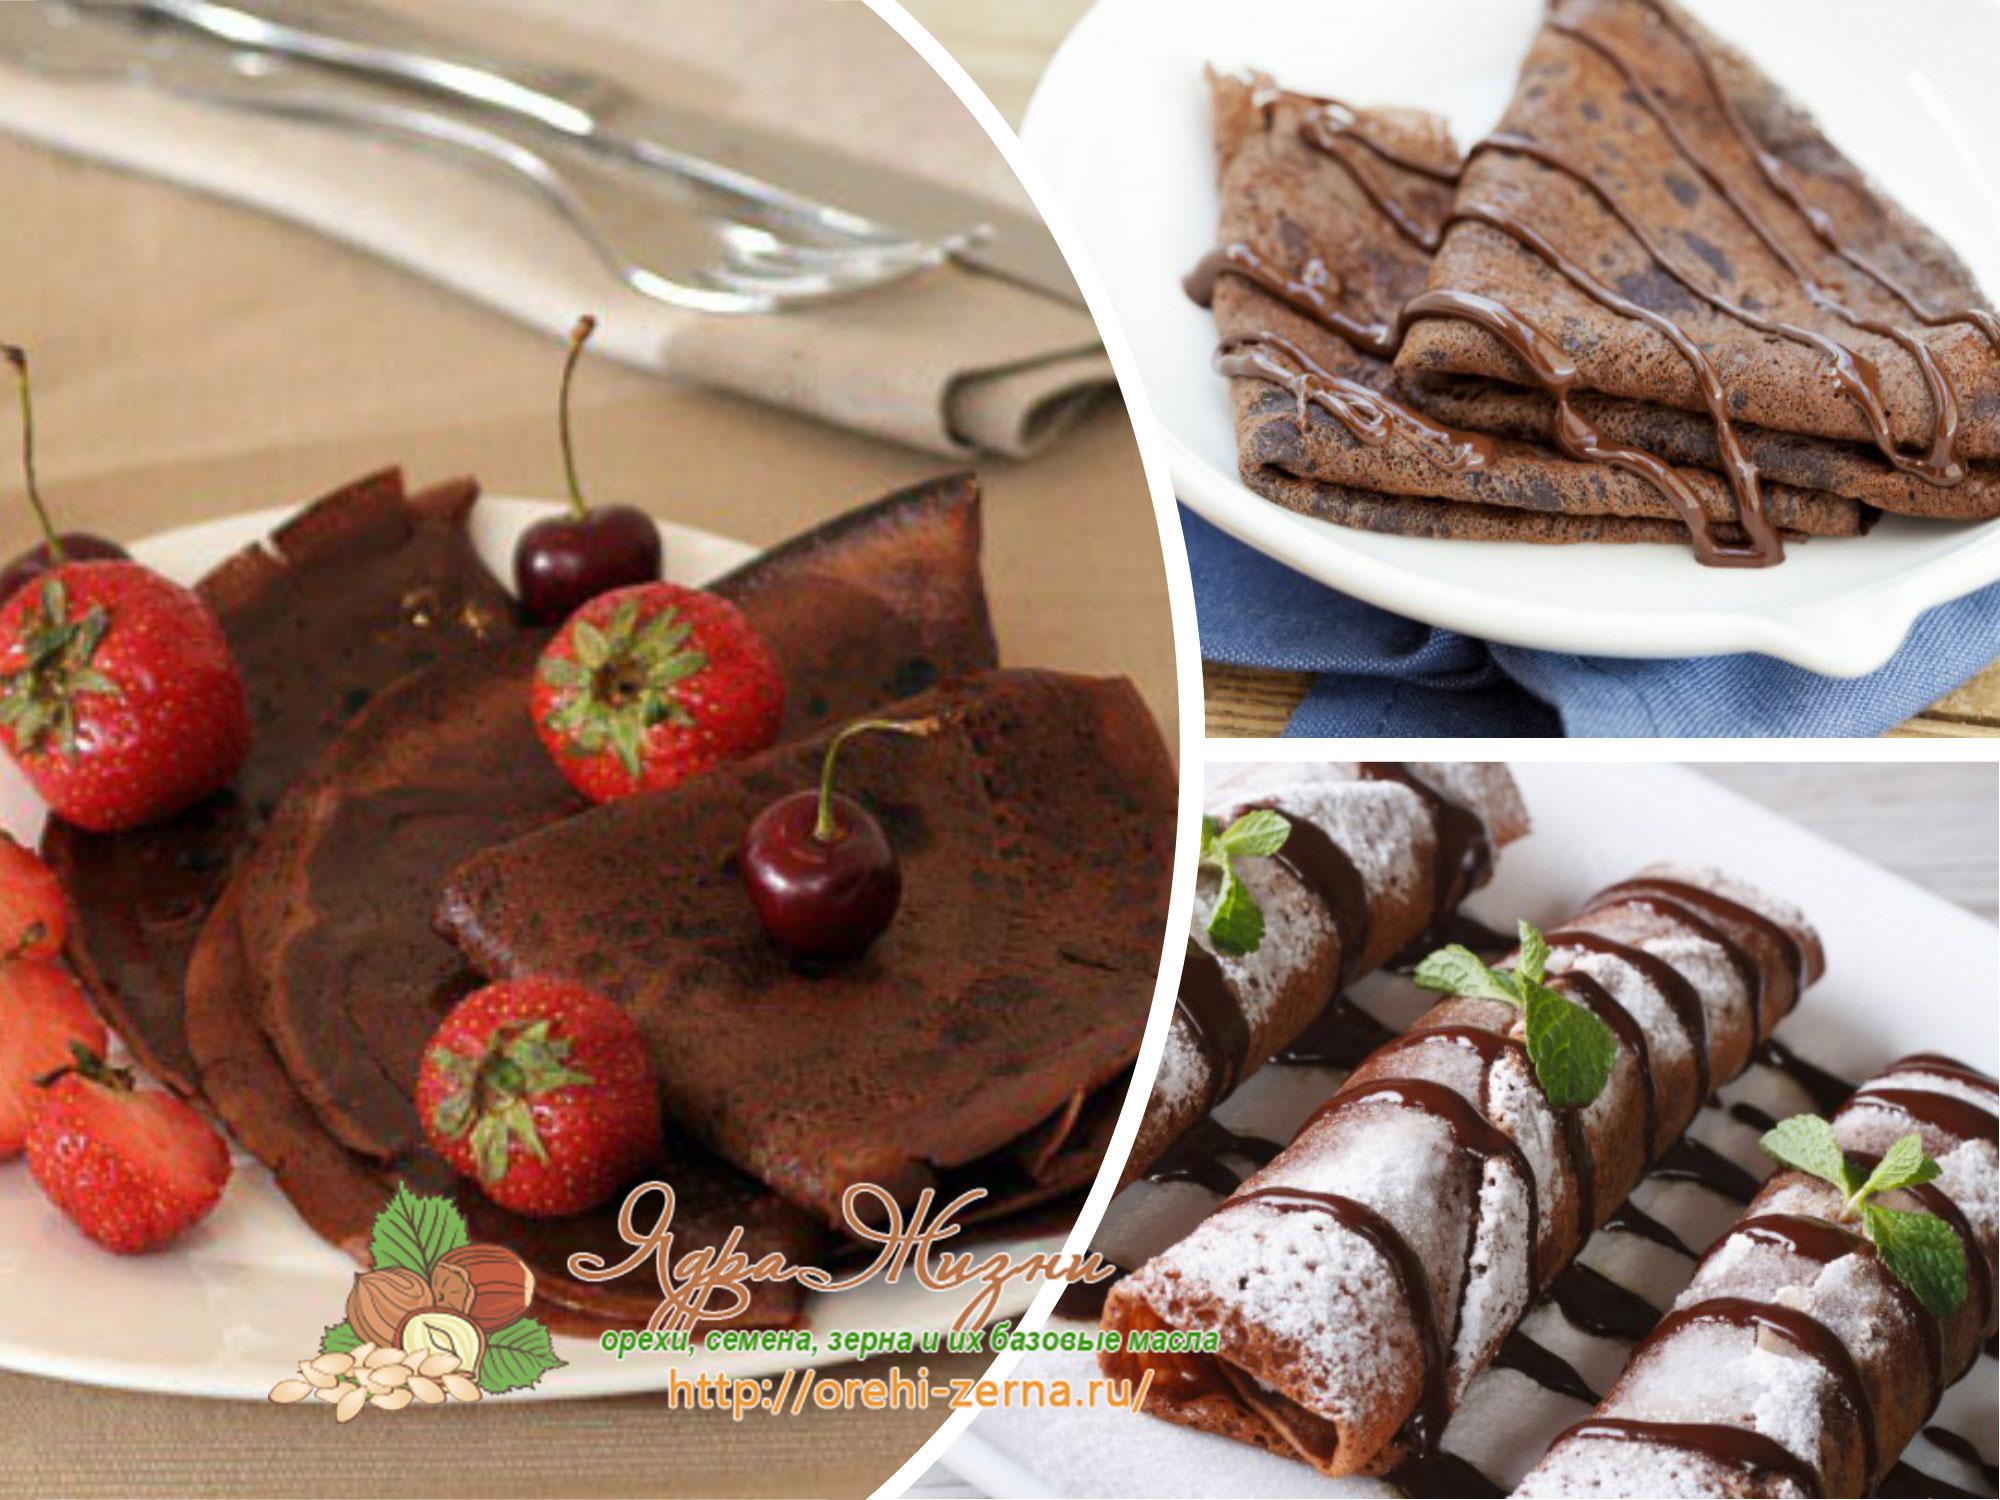 шоколадные блины с какао